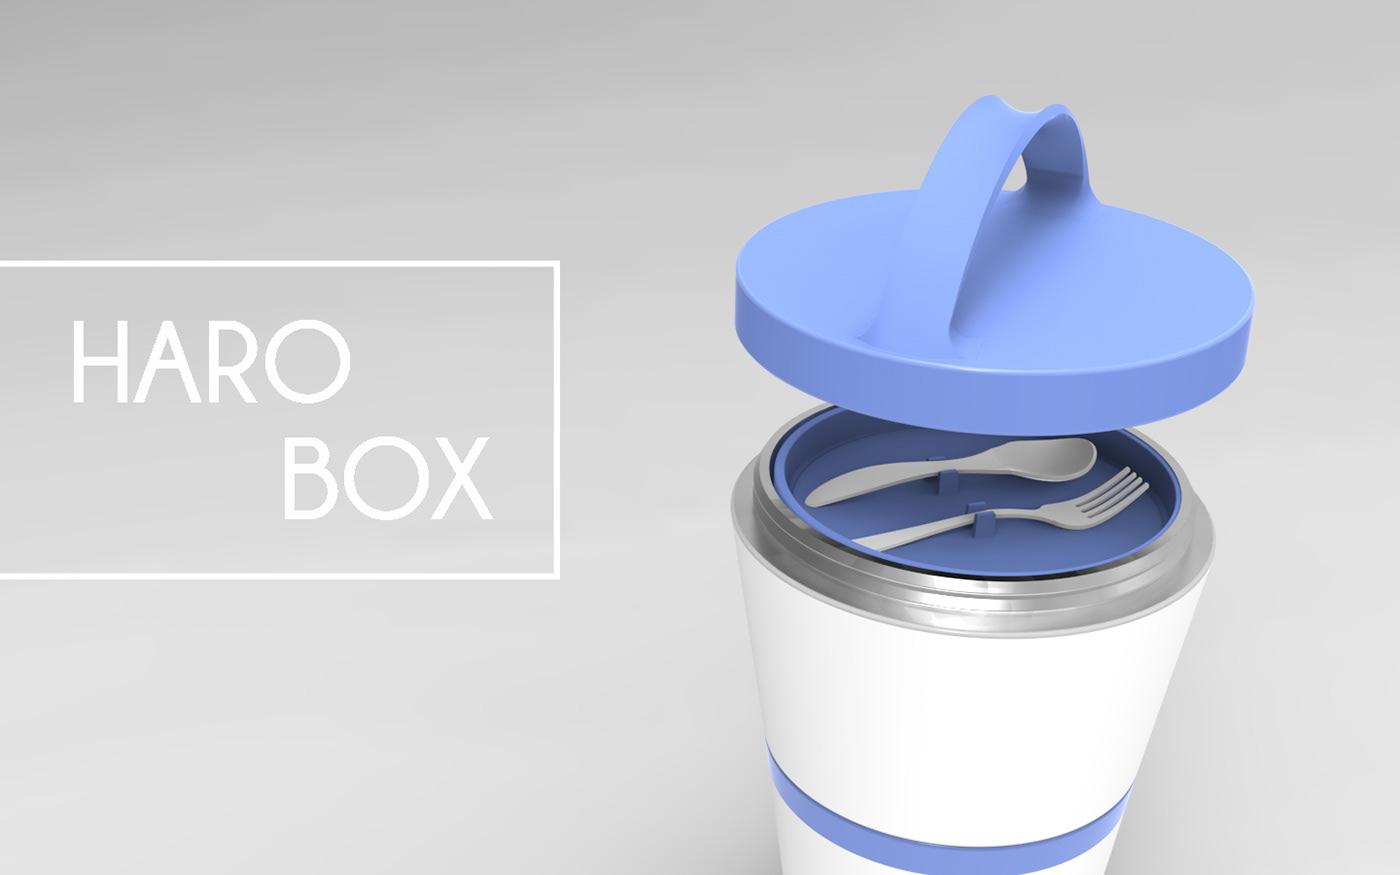 精細的23款餐具盒設計欣賞